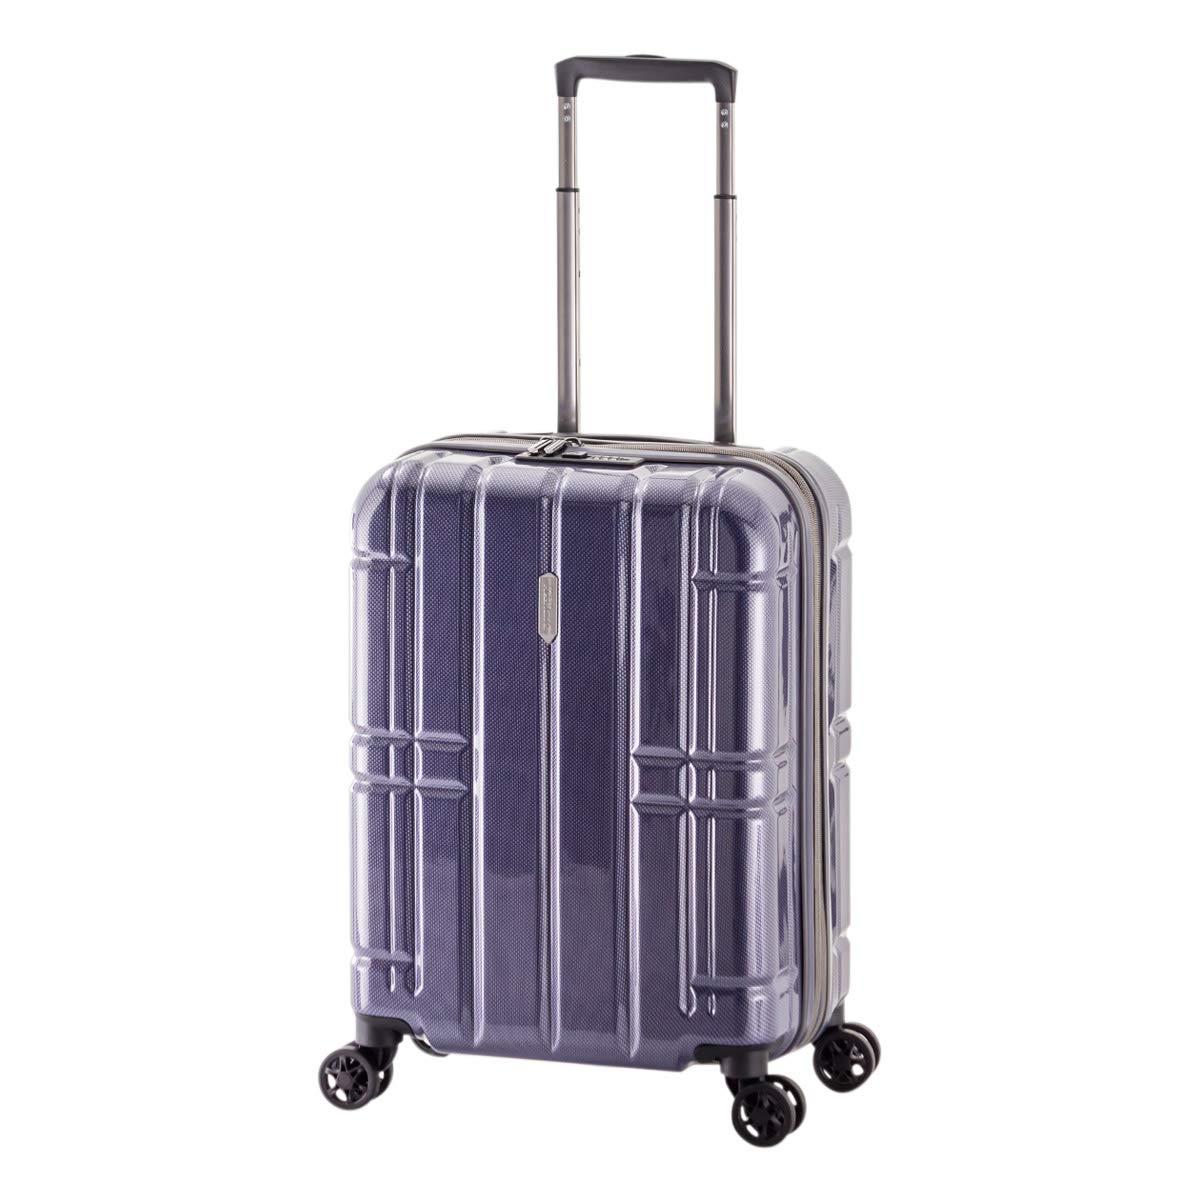 [アジアラゲージ] スーツケース|機内持ち込み 47L 47.5cm 2.9kg ALI-MAX185|拡張 B07RL5Q37R カーボンネイビー